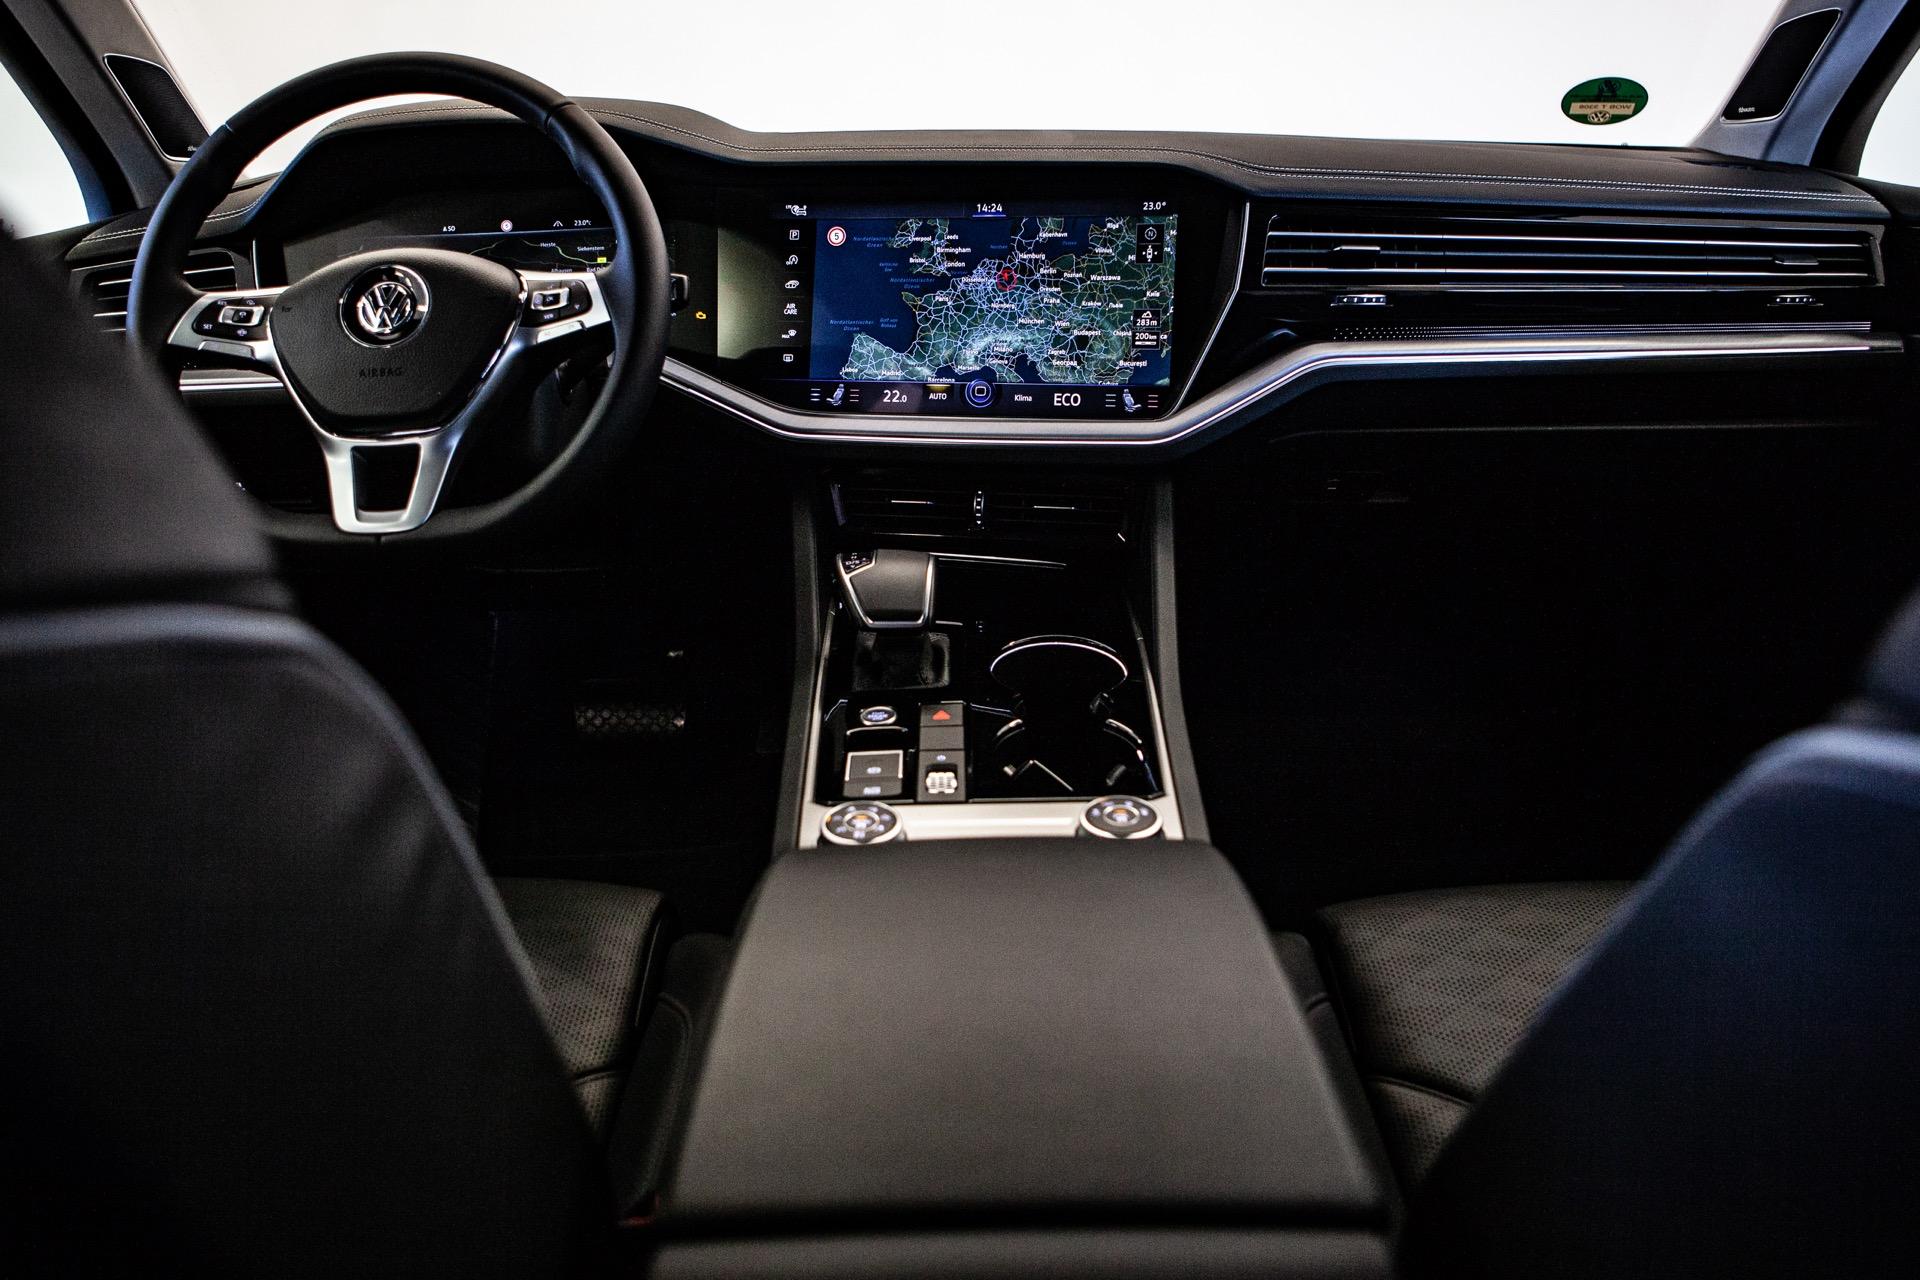 VW Touareg 2019 Interior